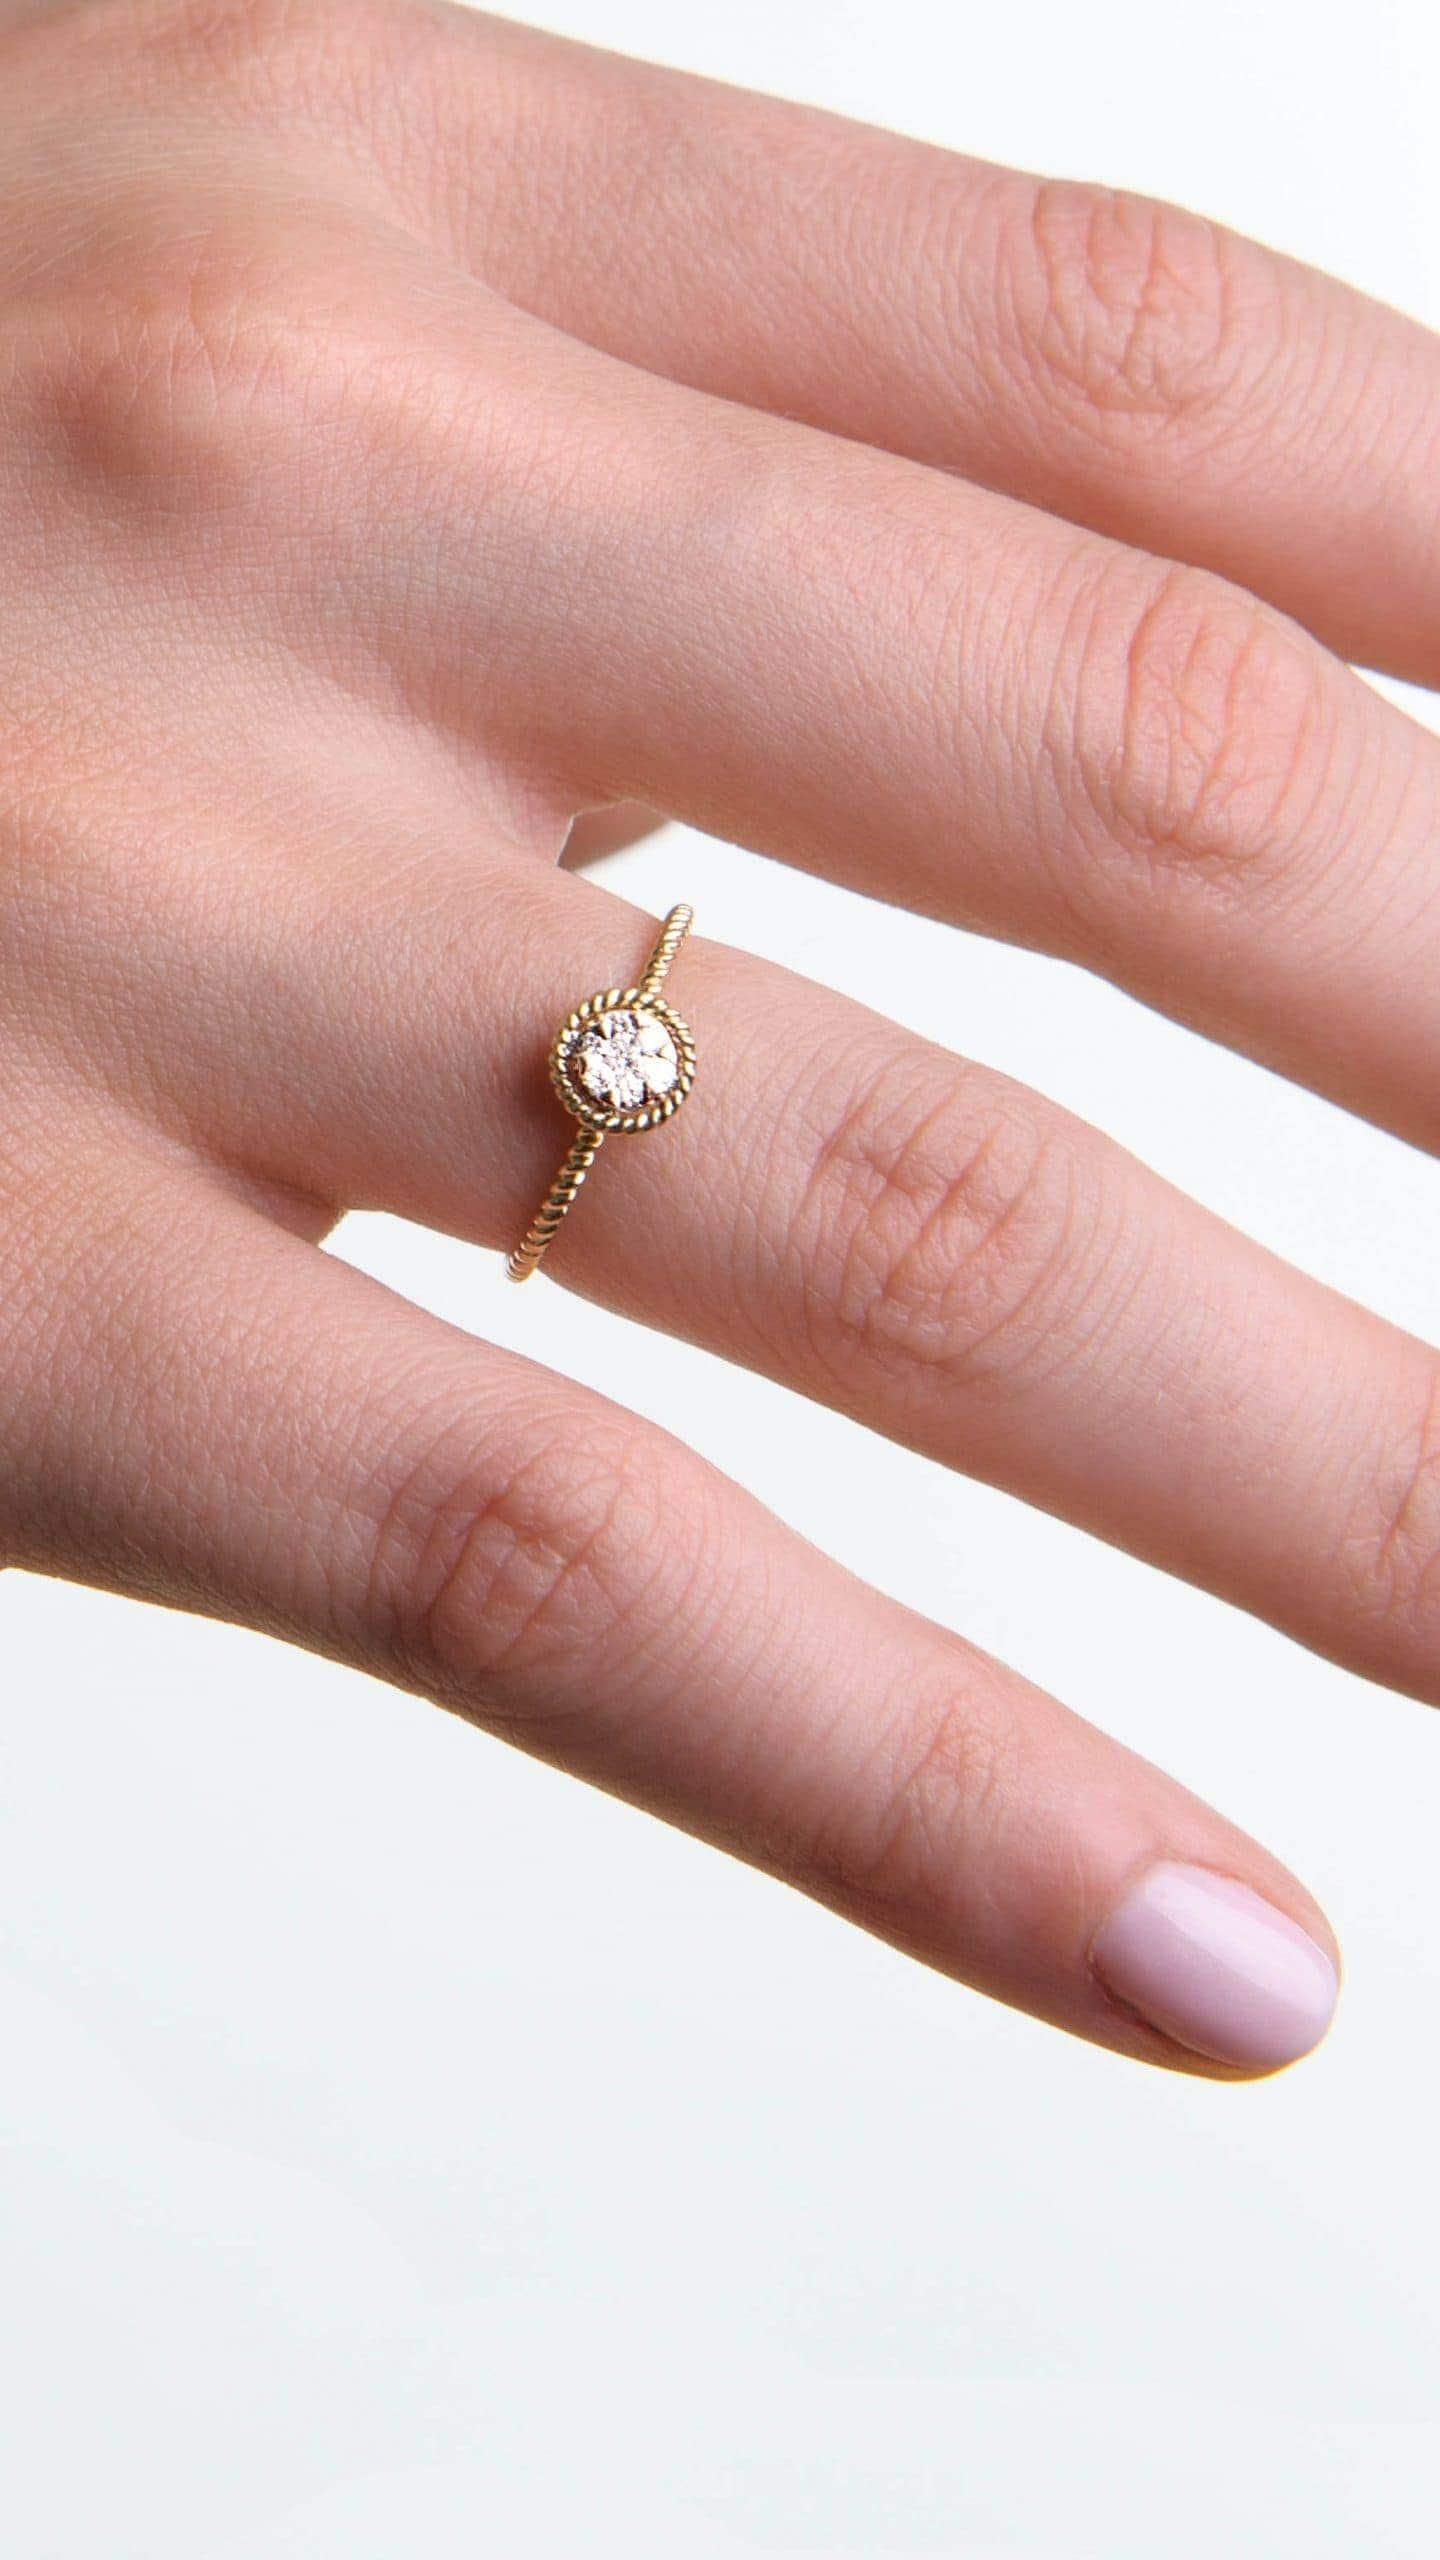 Modelka prezentuje na dłoni złoty pierścionek zaręczynowy z diamentem.